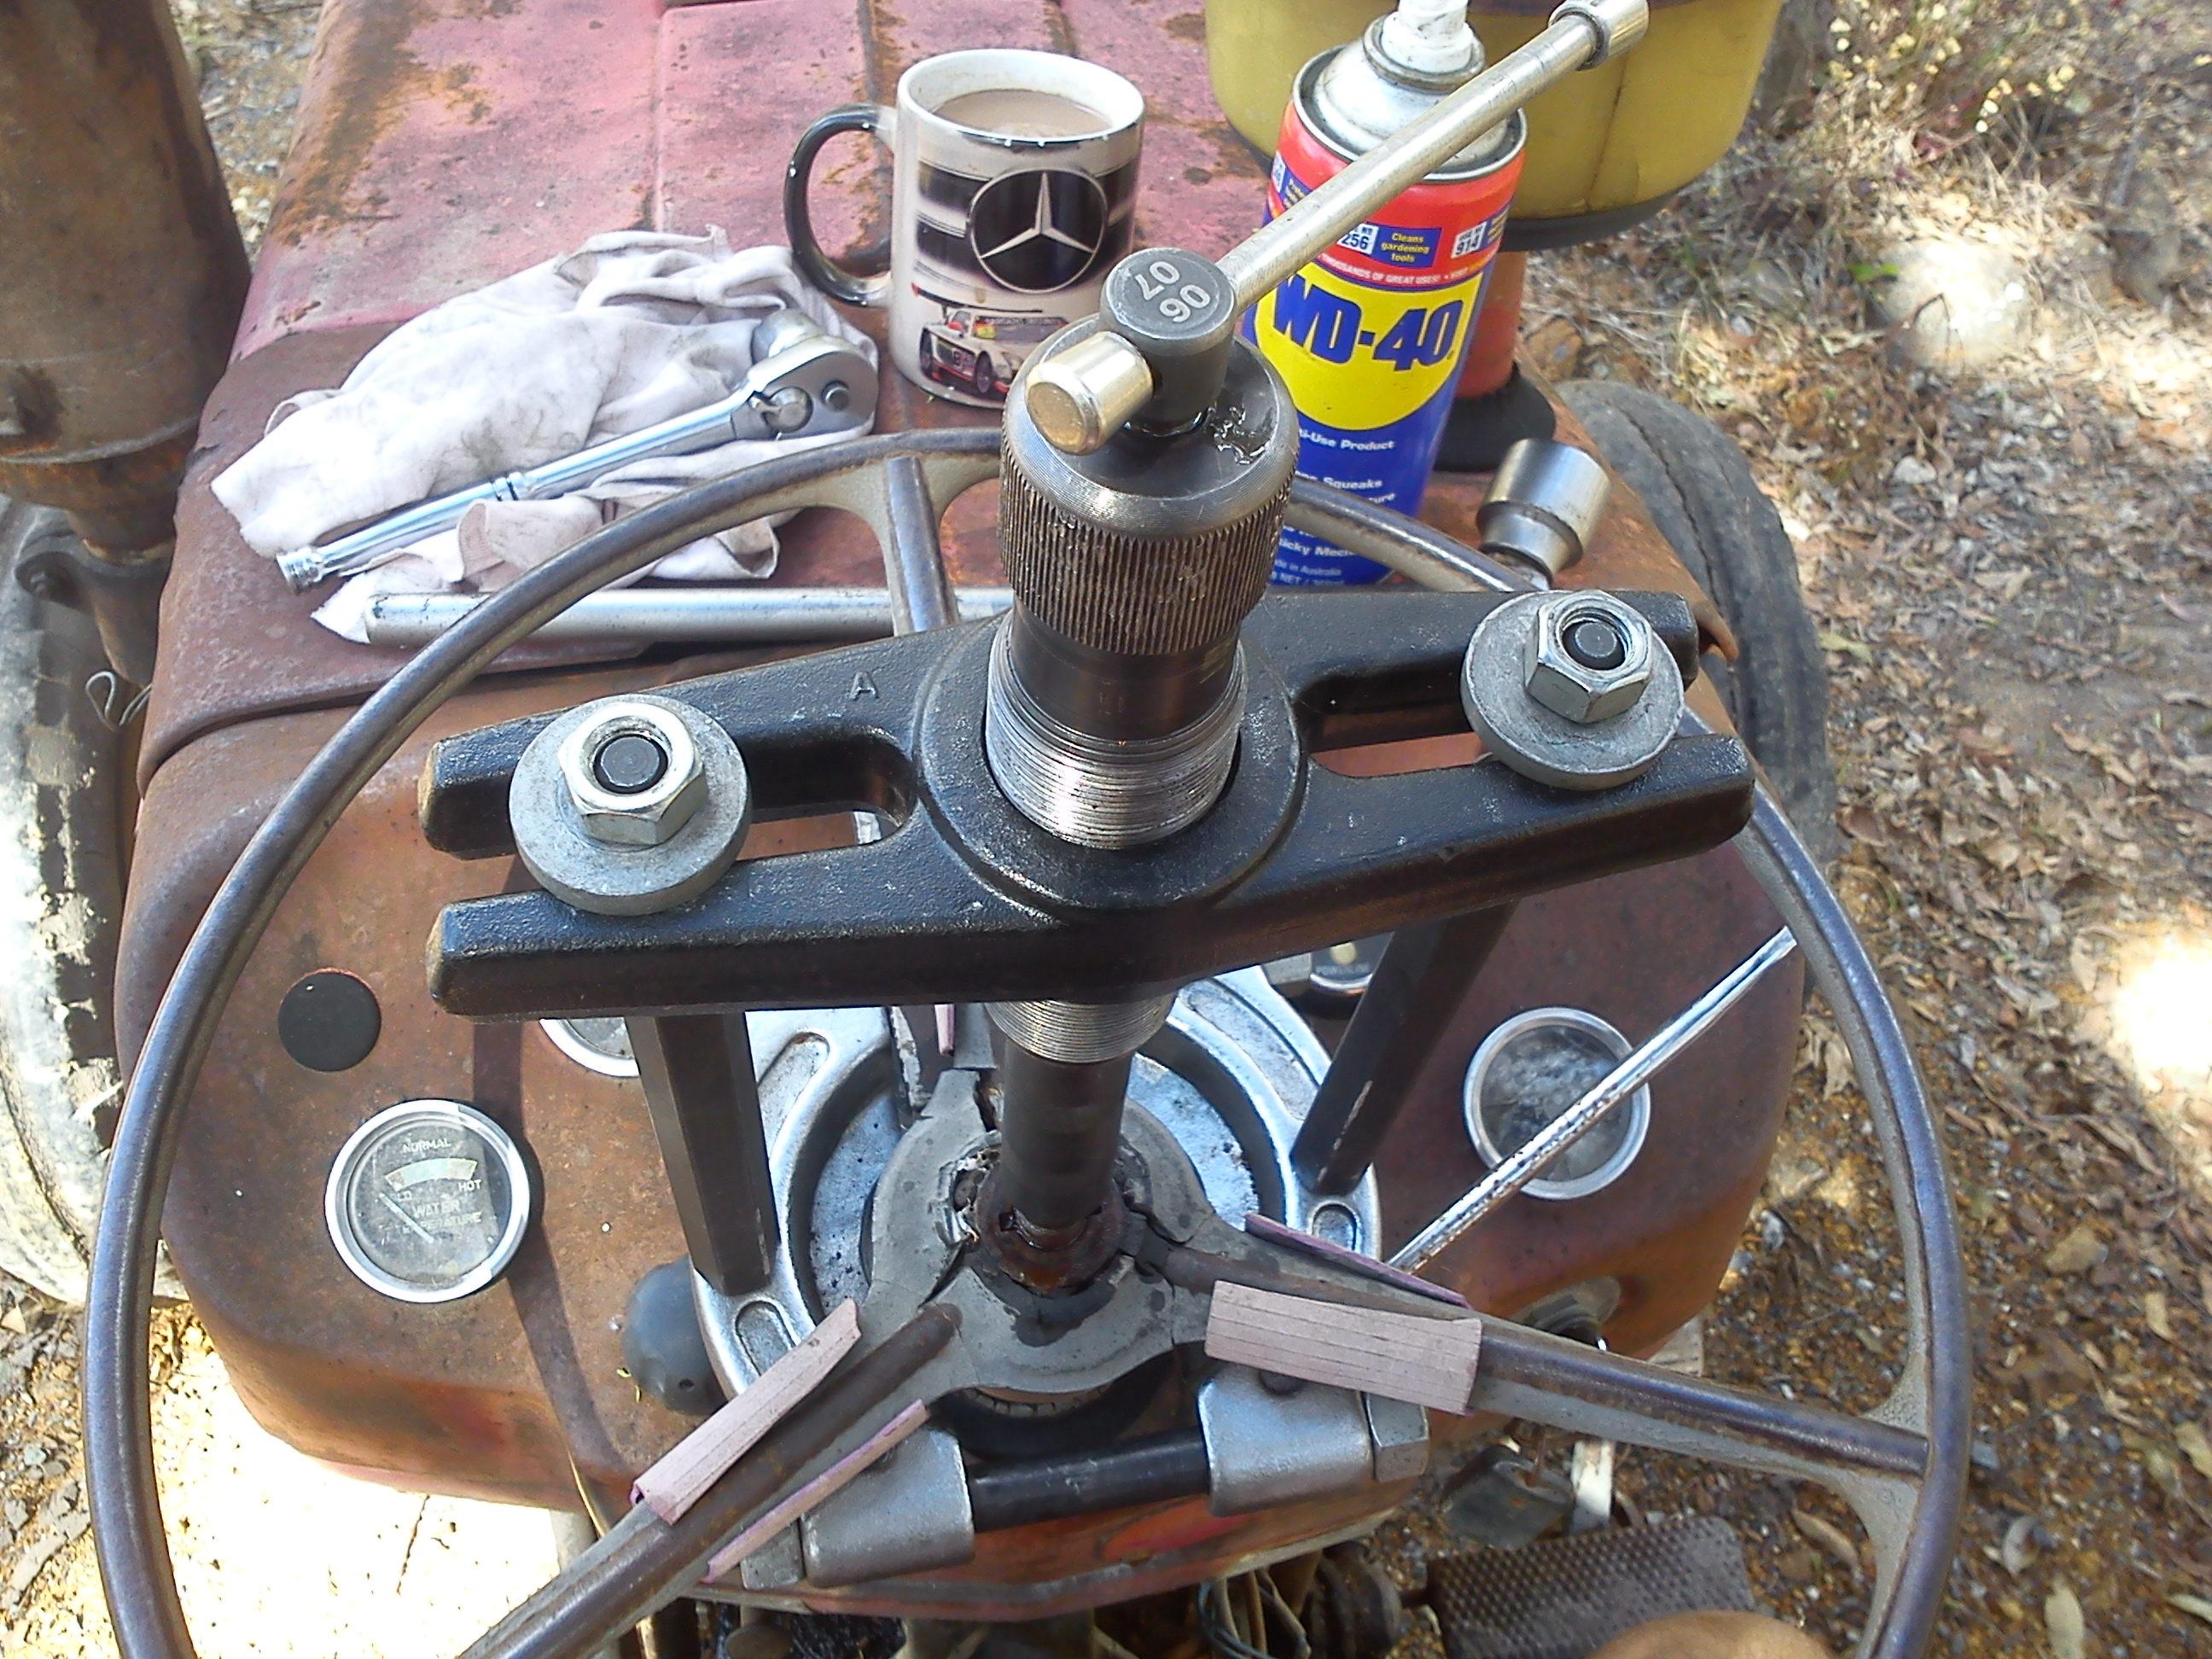 Superb Replacing Gauges On My 165 Diesel Wiring Cloud Uslyletkolfr09Org